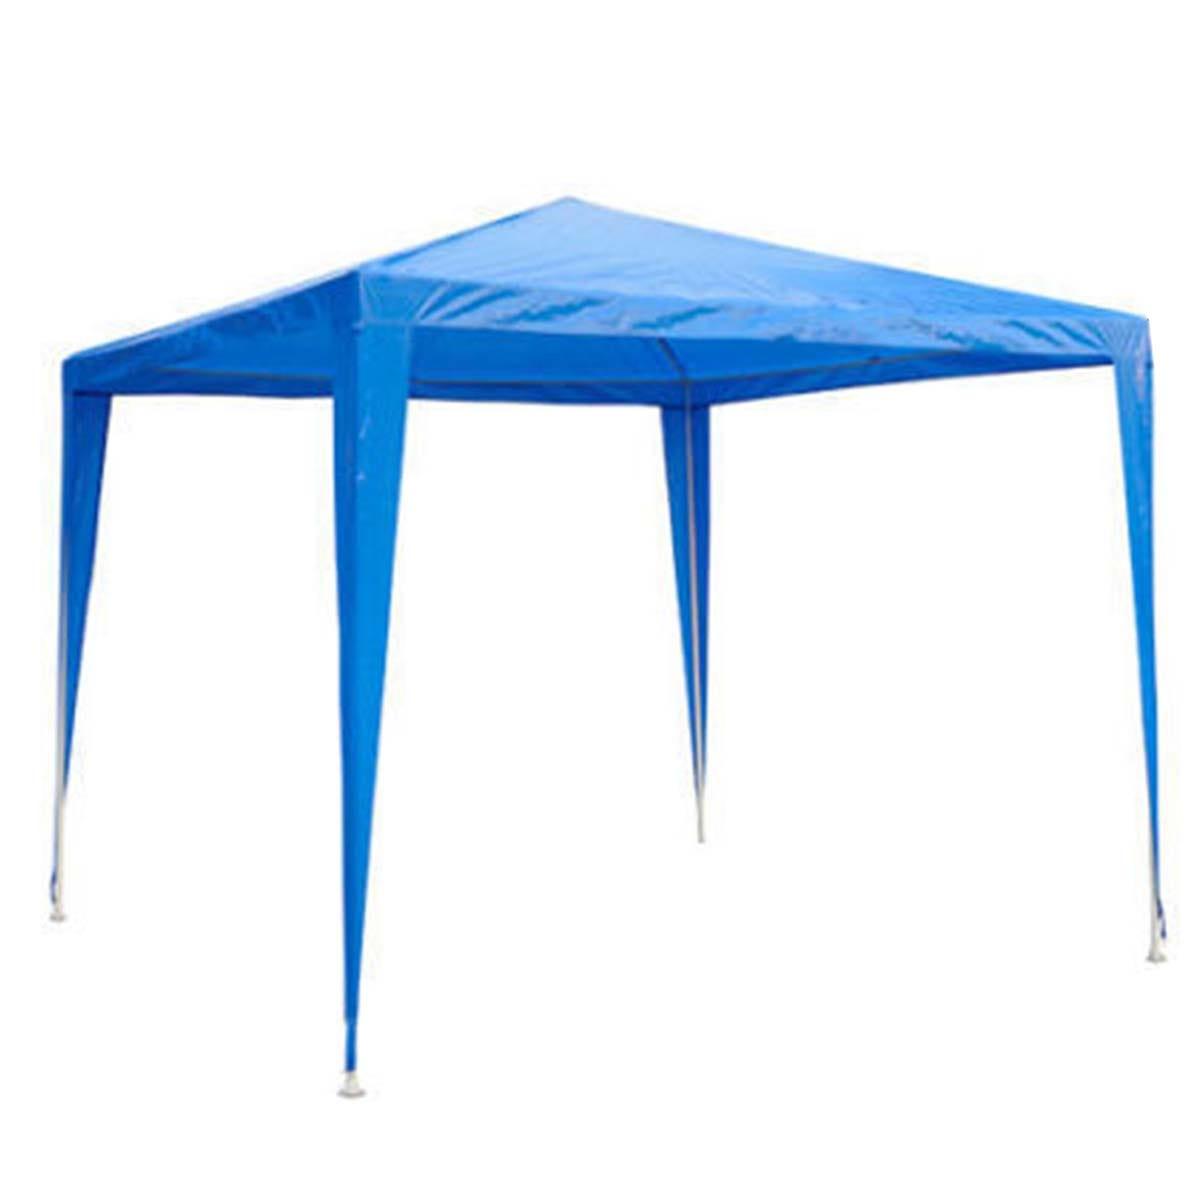 Outsunny 2.7 x 2.7m Garden Gazebo - Blue